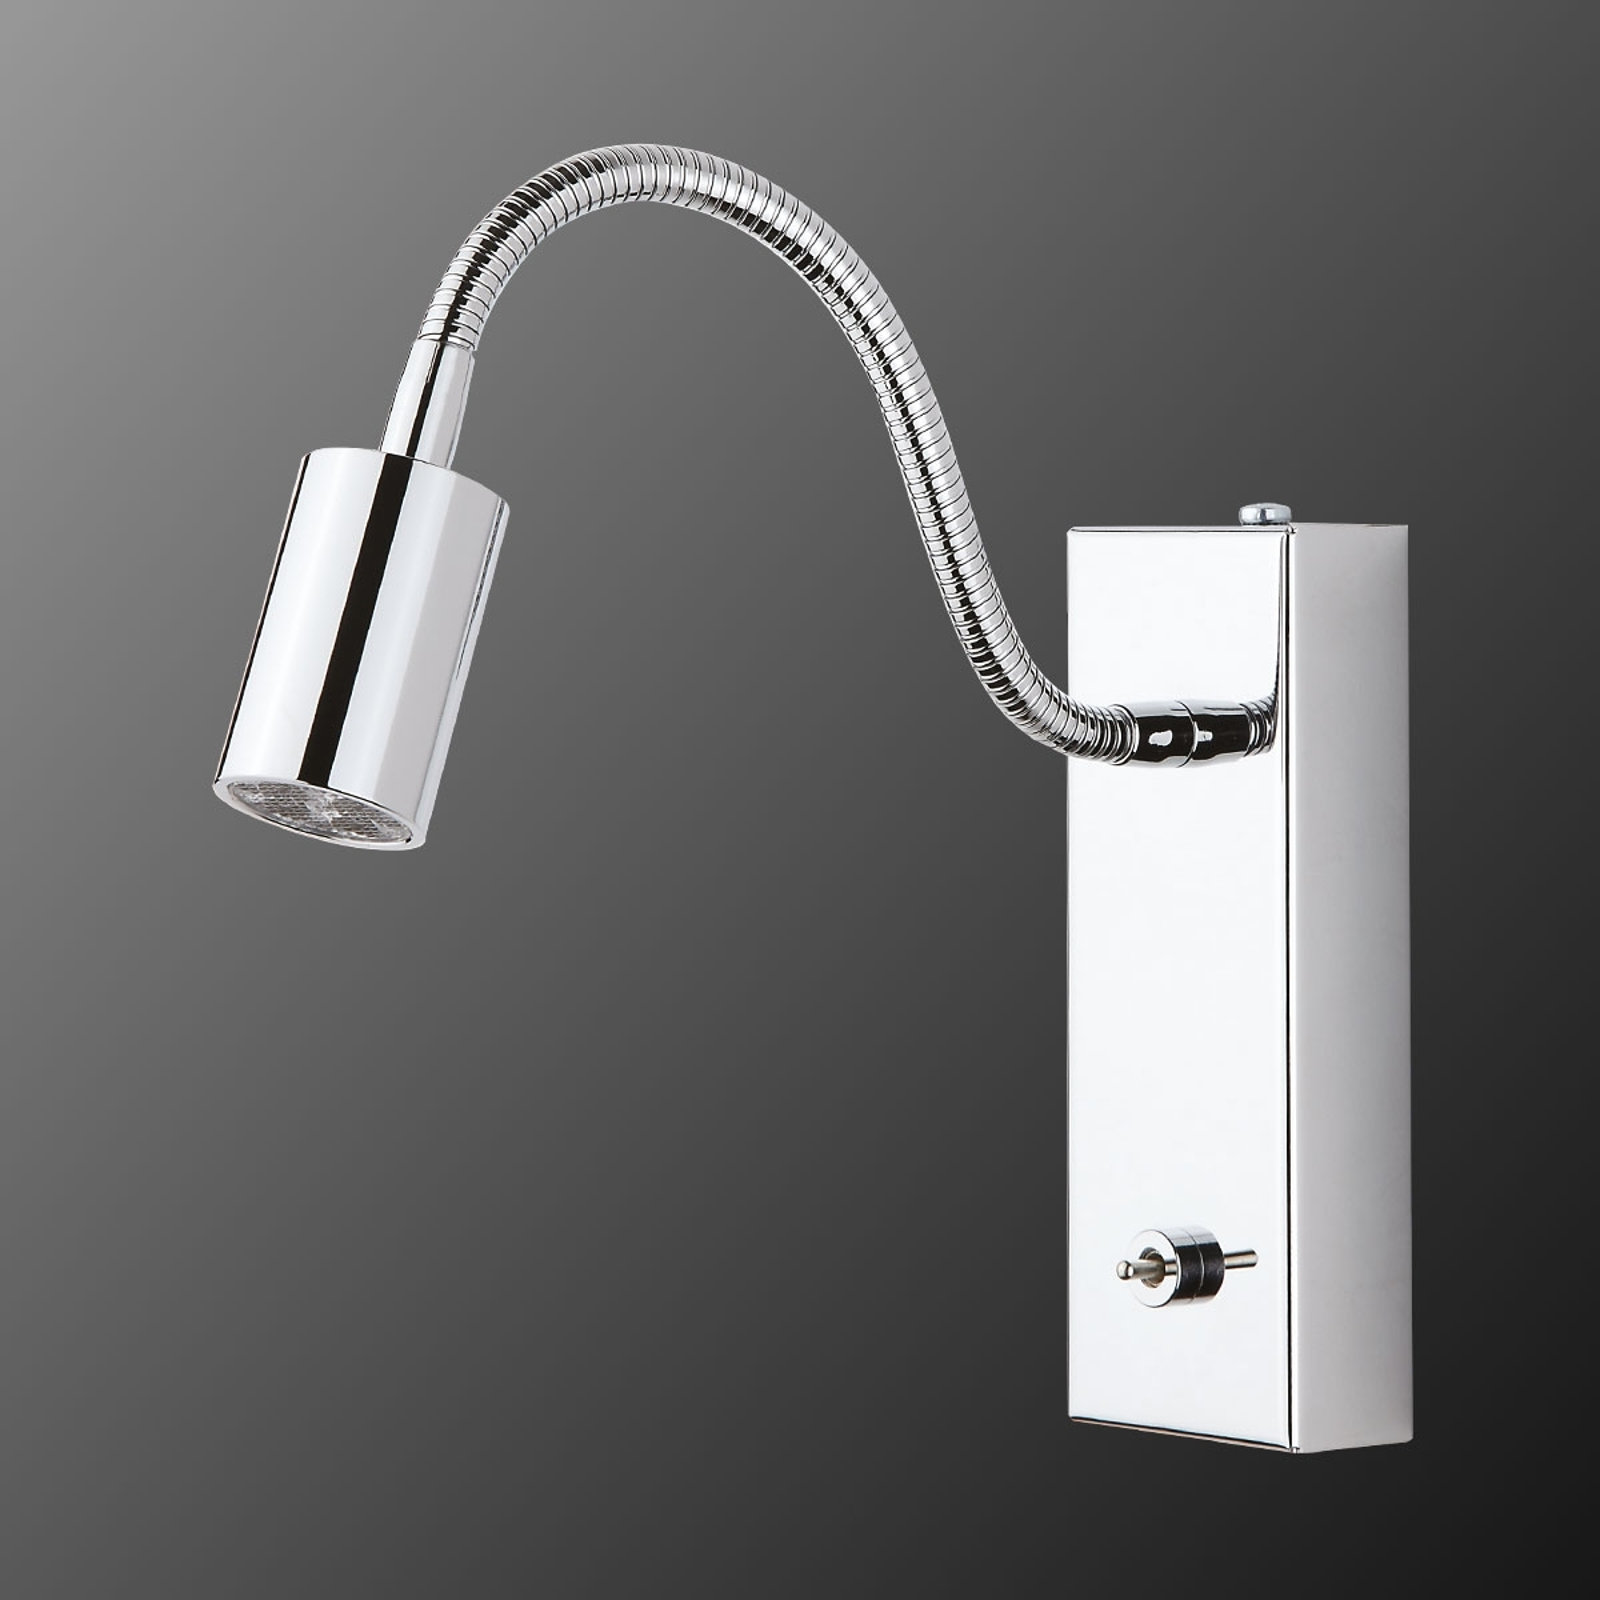 LED-vägglampa med strömbrytare